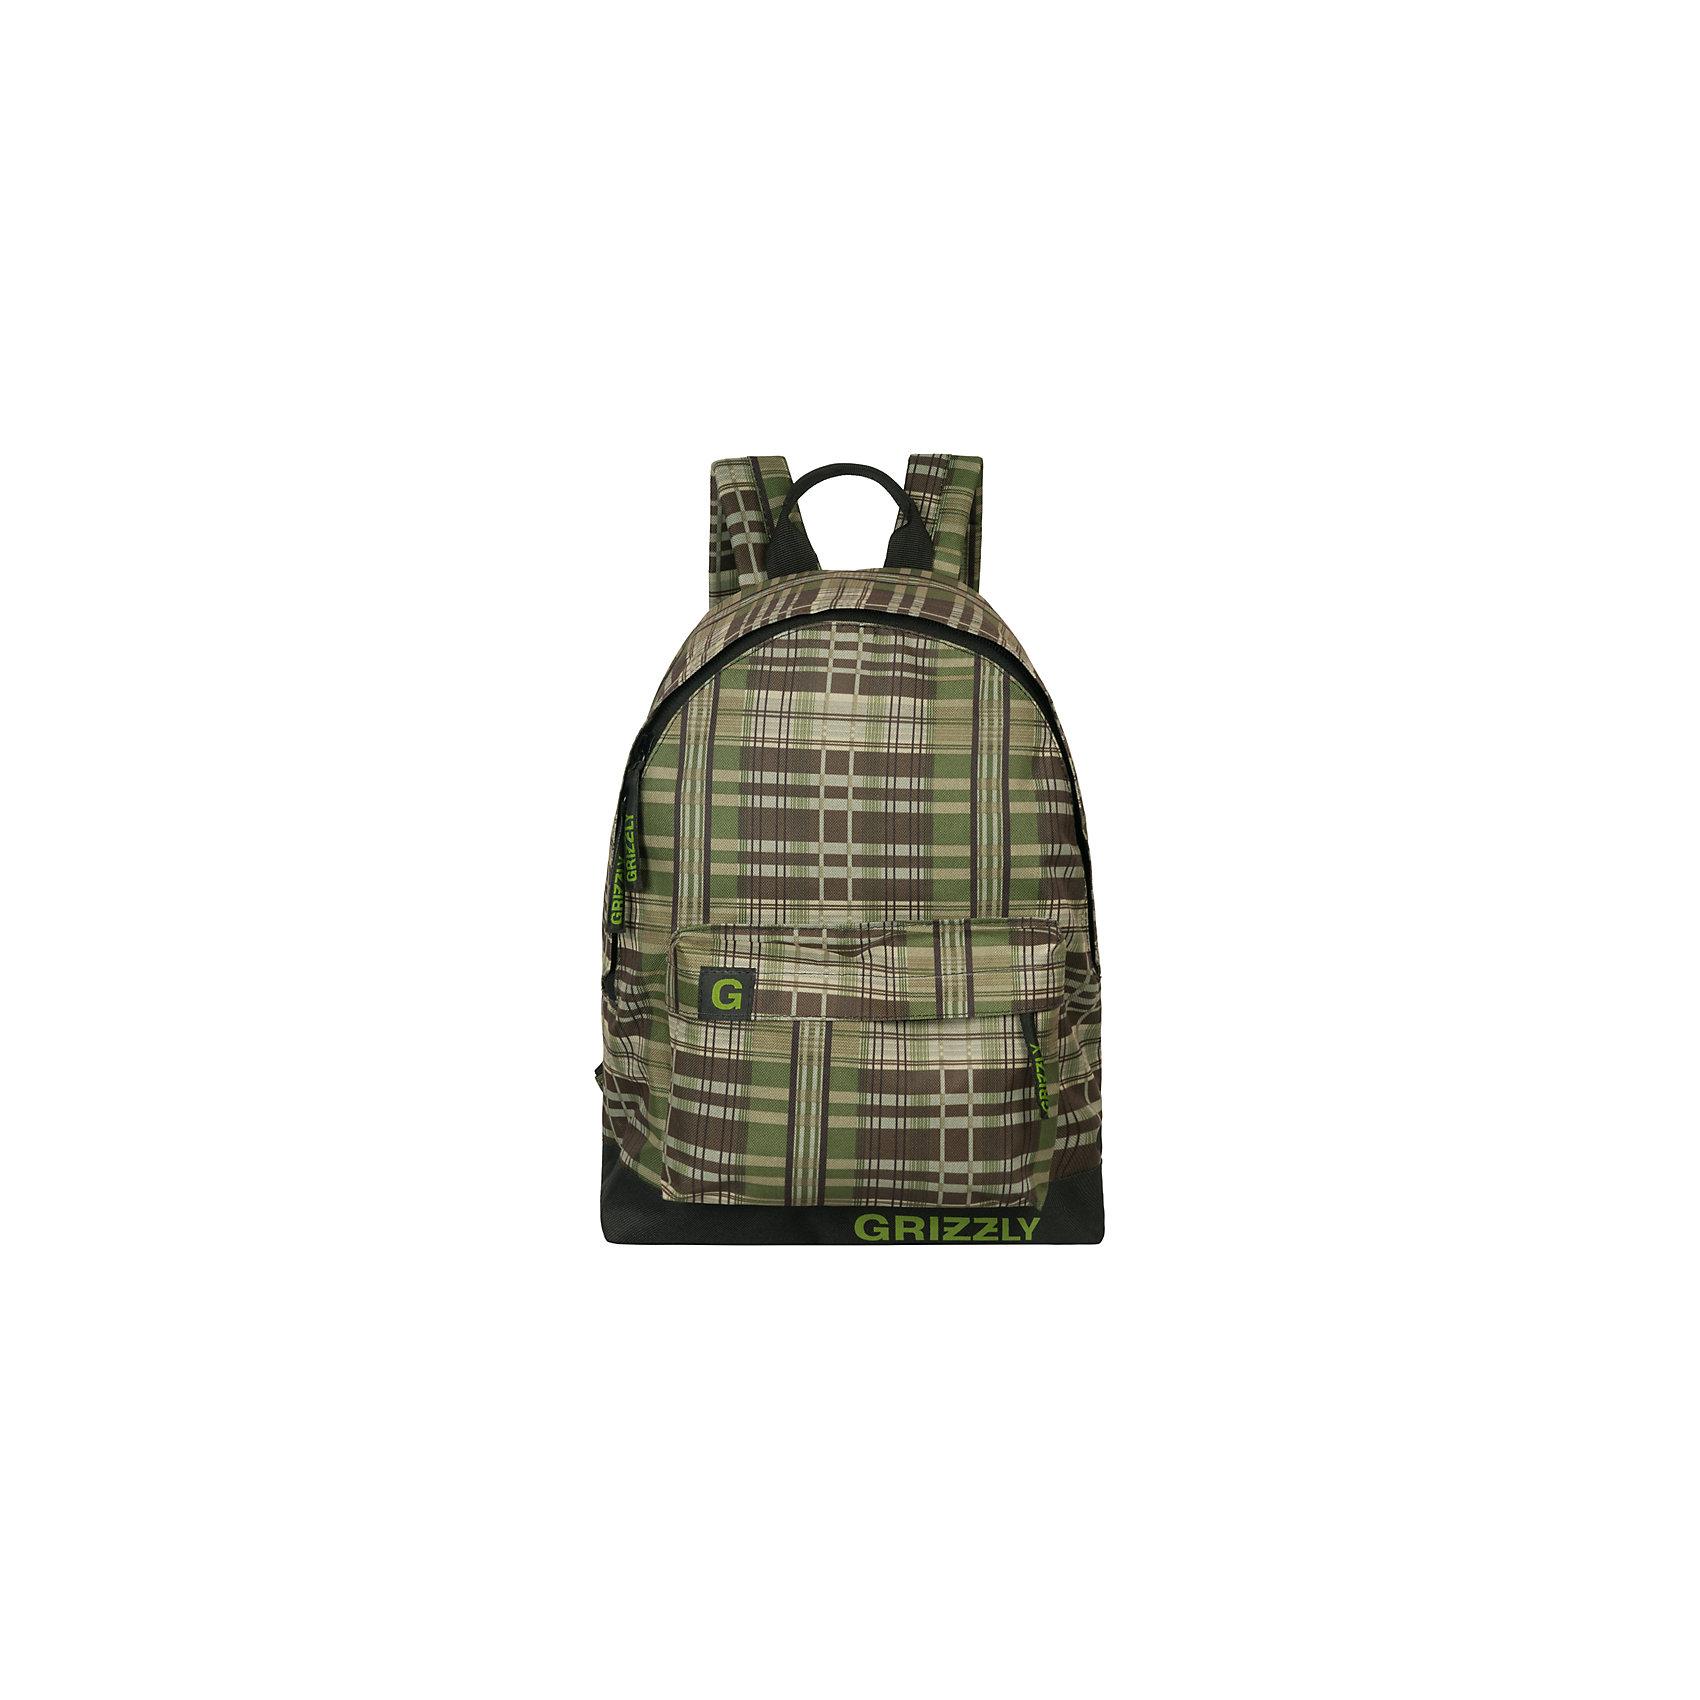 Рюкзак Grizzly, клетка черно-зеленаяРюкзаки<br>Рюкзак молодежный, одно отделение, объемный карман на молнии на передней стенке, внутренний подвесной карман на молнии, укрепленная спинка, дополнительная ручка-петля, укрепленные лямки<br><br>Ширина мм: 320<br>Глубина мм: 120<br>Высота мм: 410<br>Вес г: 413<br>Возраст от месяцев: 72<br>Возраст до месяцев: 2147483647<br>Пол: Мужской<br>Возраст: Детский<br>SKU: 6939810